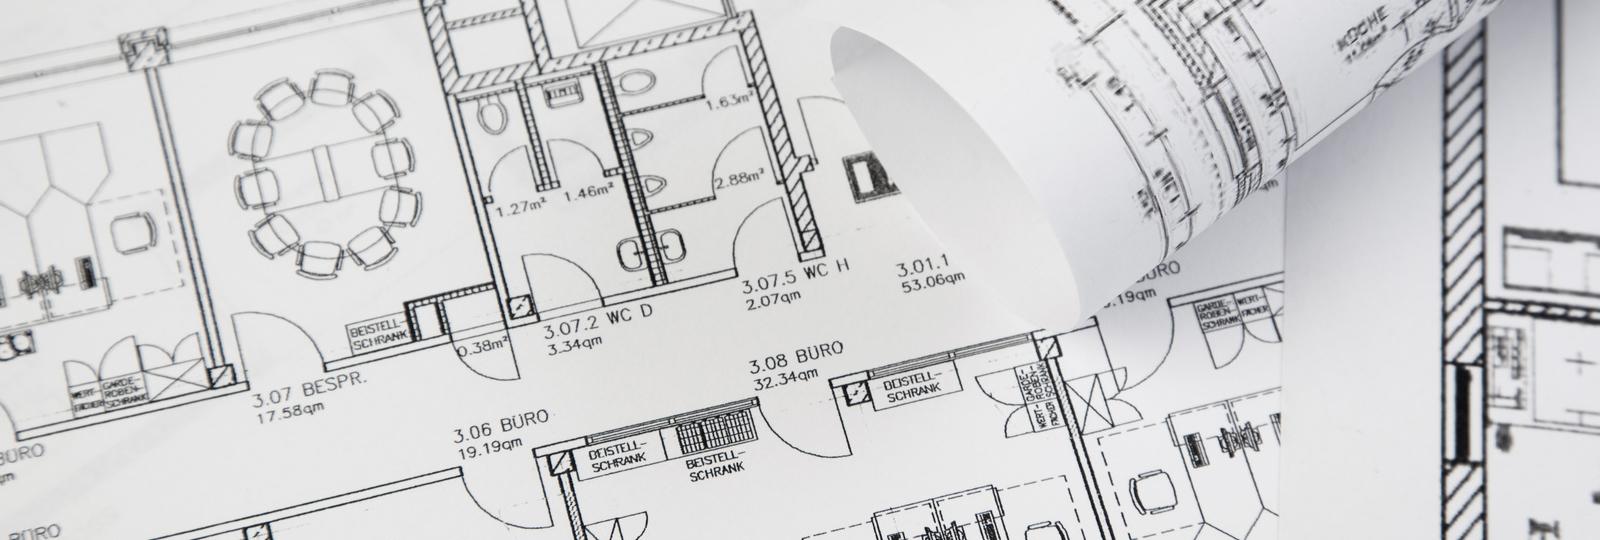 apotheker wirtschaftsberatung aporisk finanzen deutschland apoinvest. Black Bedroom Furniture Sets. Home Design Ideas